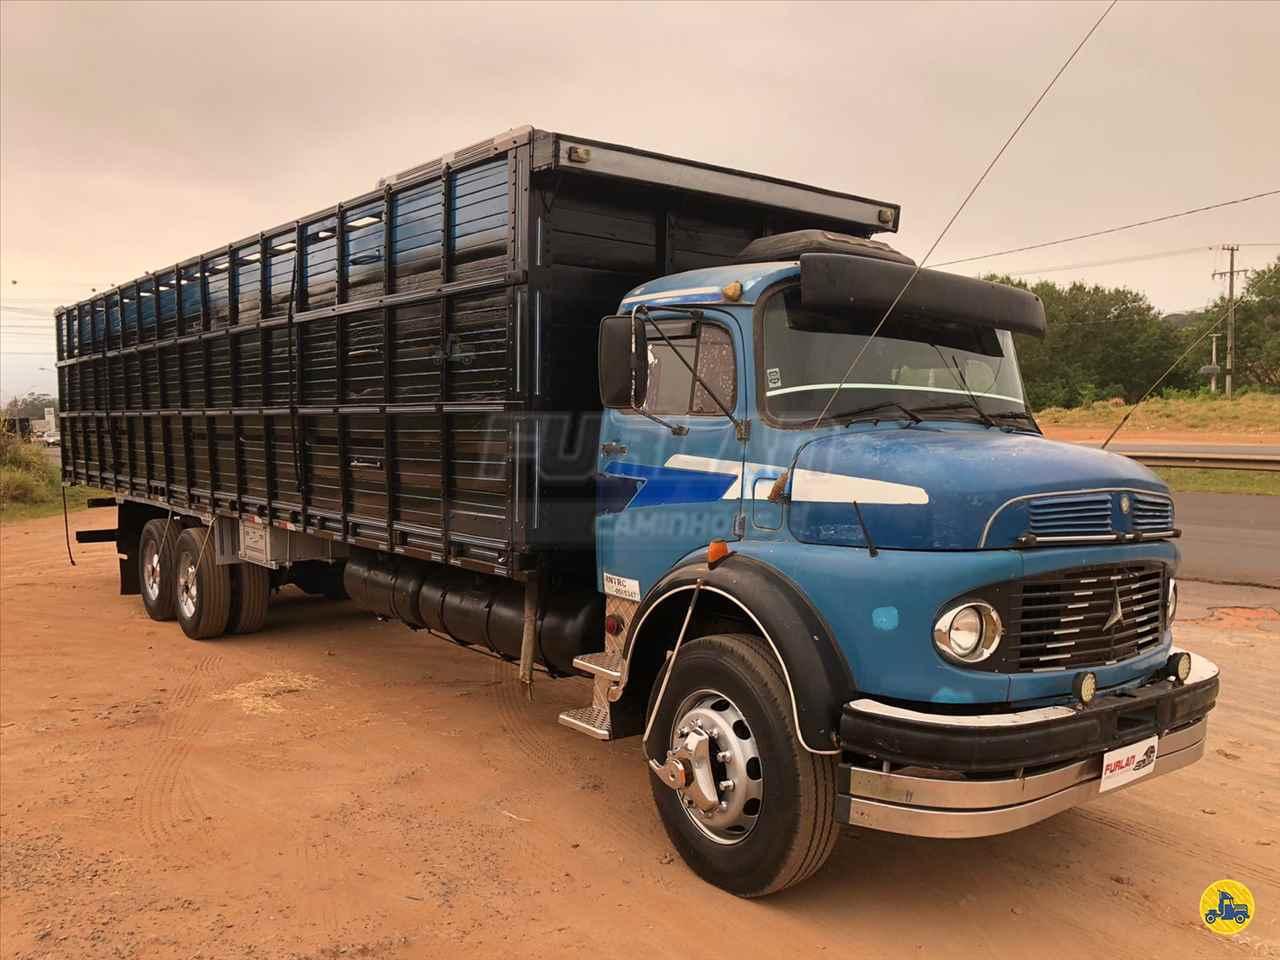 CAMINHAO MERCEDES-BENZ MB 1113 Boiadeiro Truck 6x2 Furlan Caminhões UMUARAMA PARANÁ PR